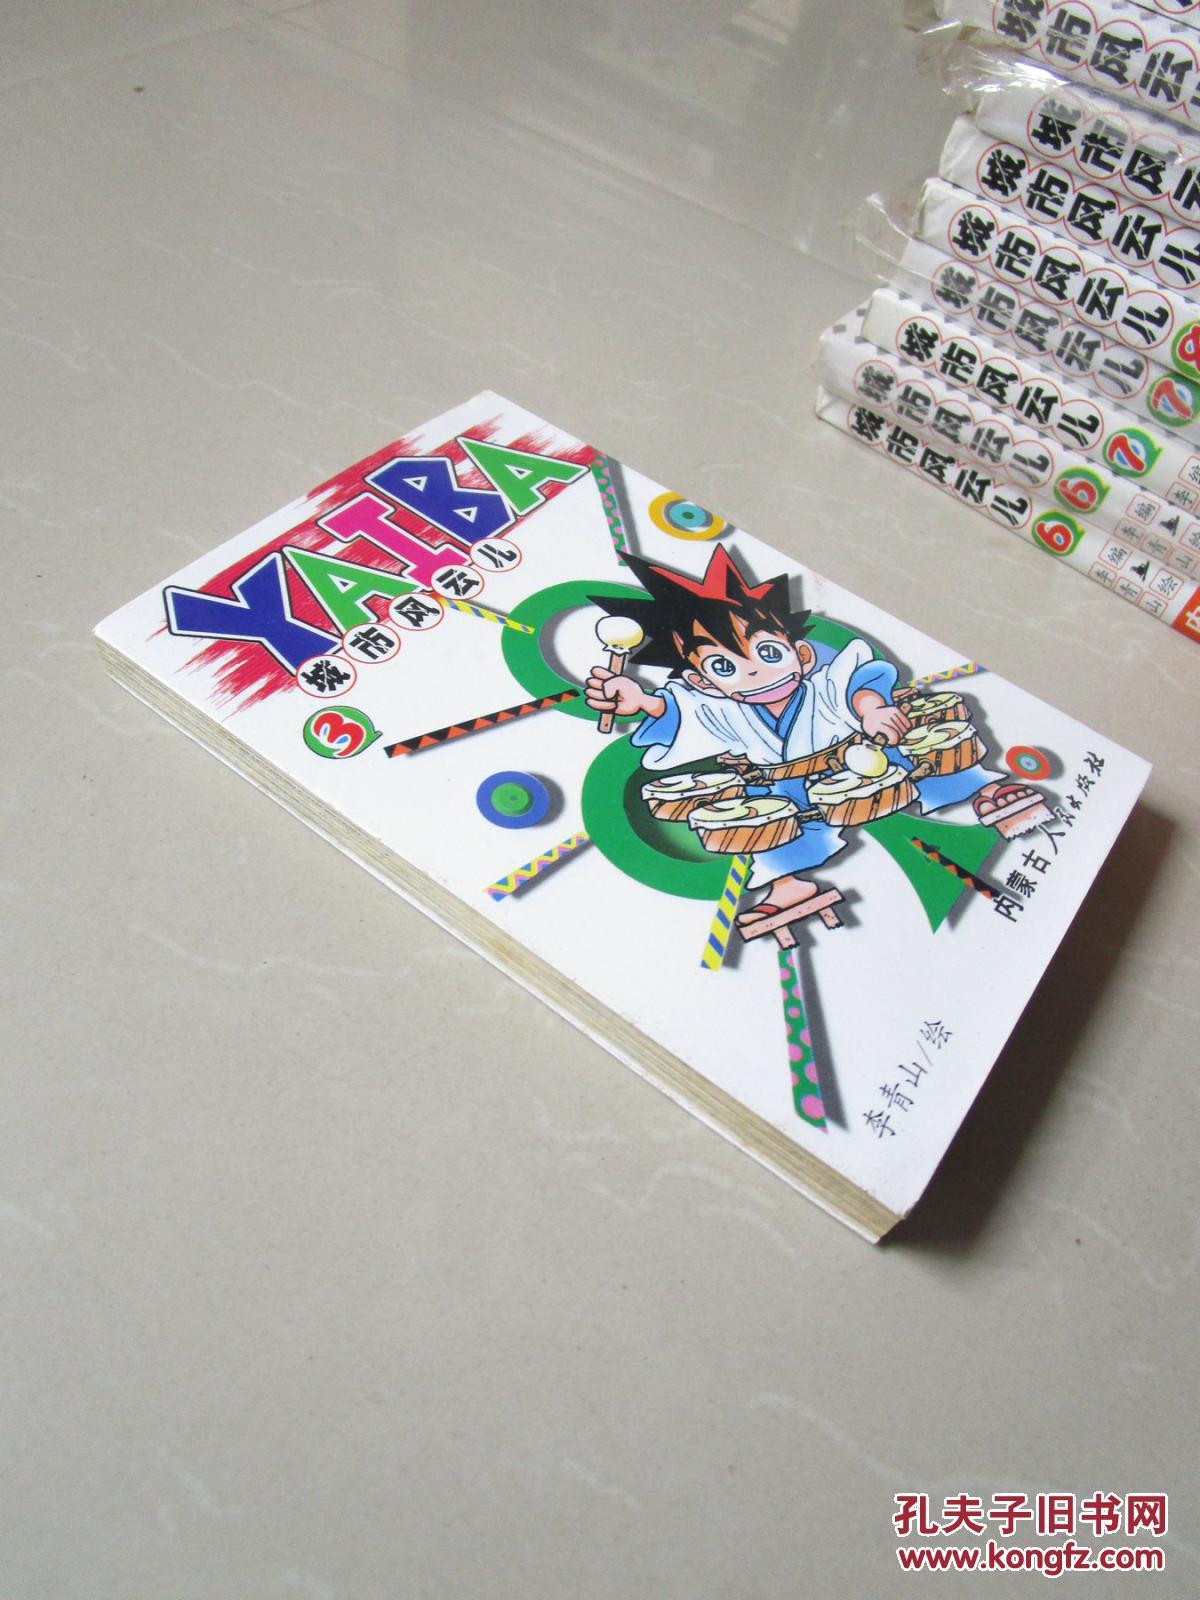 【图】漫画少女儿(3)/v漫画卡通漫画_内蒙古人民之城市风云消灭图片